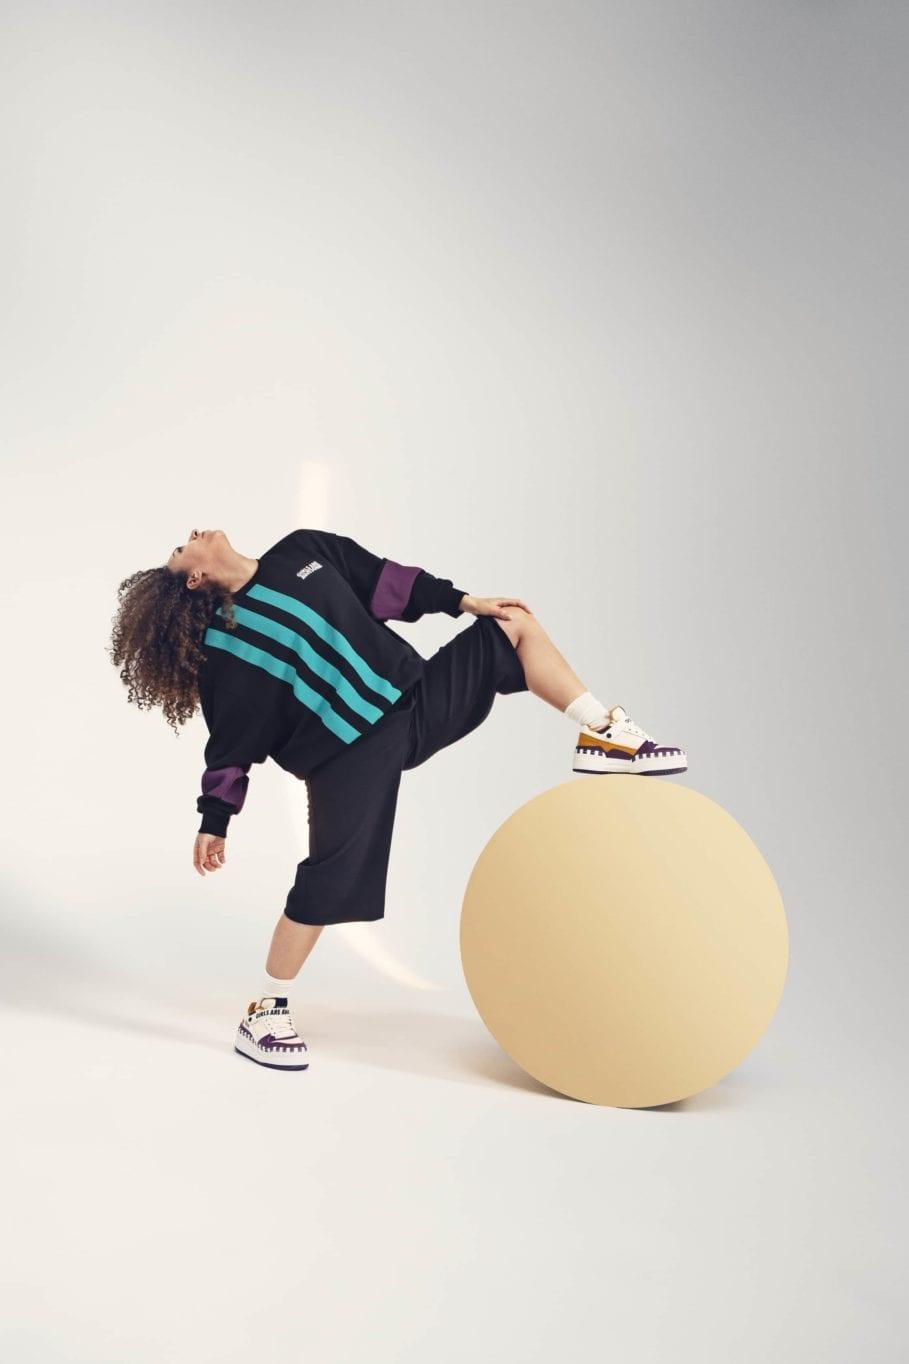 アディダス オリジナルス × ガールズ アー オーサム コレクション adidasxGirlsAreAwesome_CrewSweater-Black